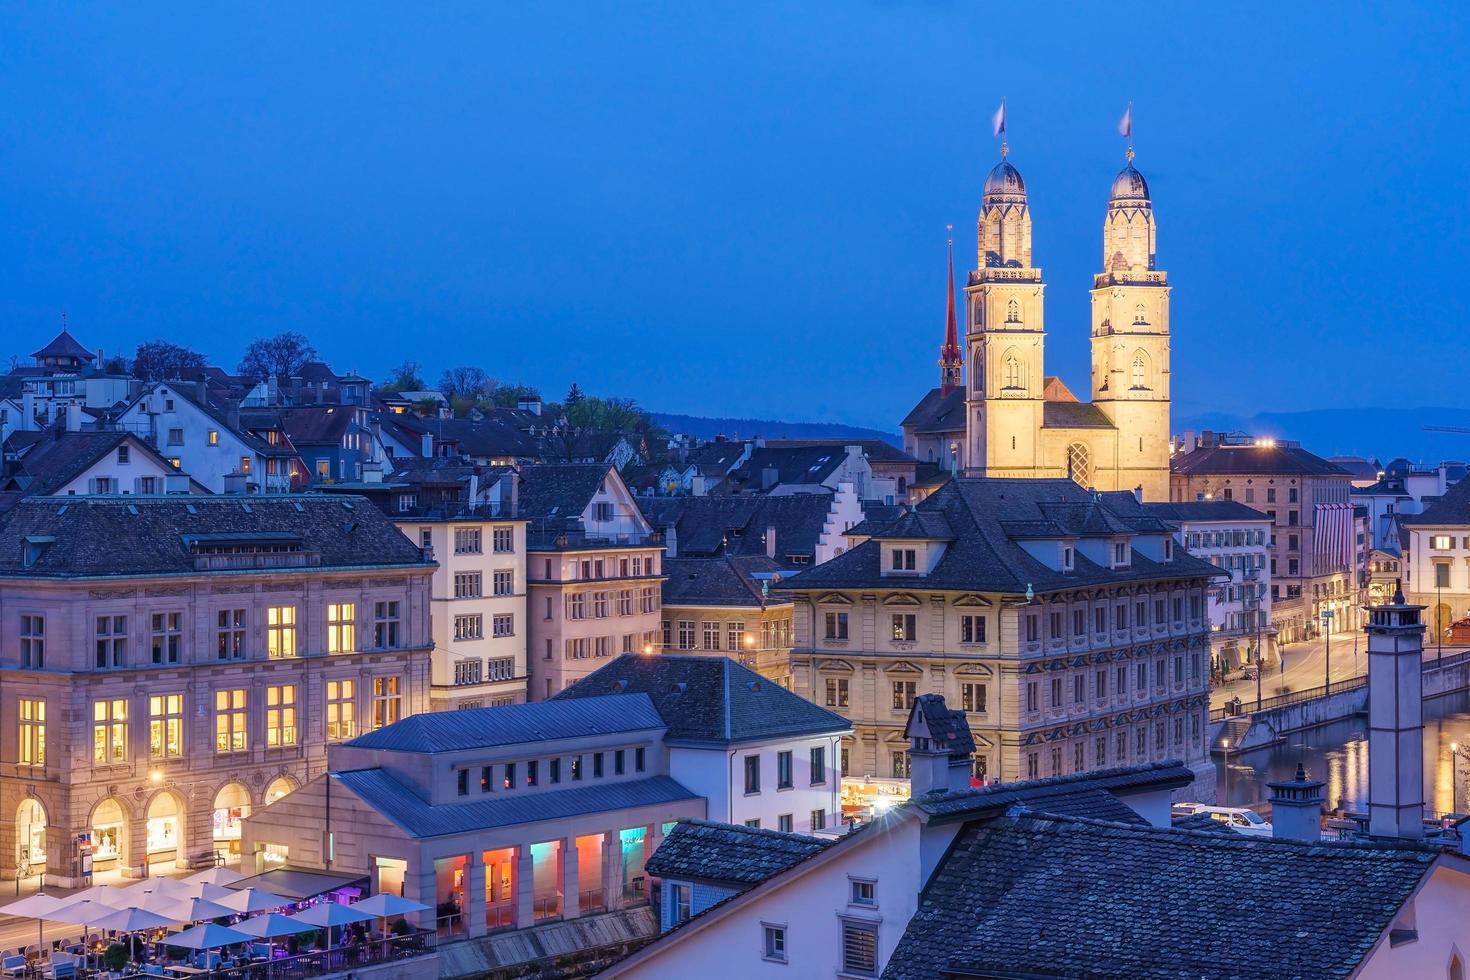 centro di zurigo, svizzera foto